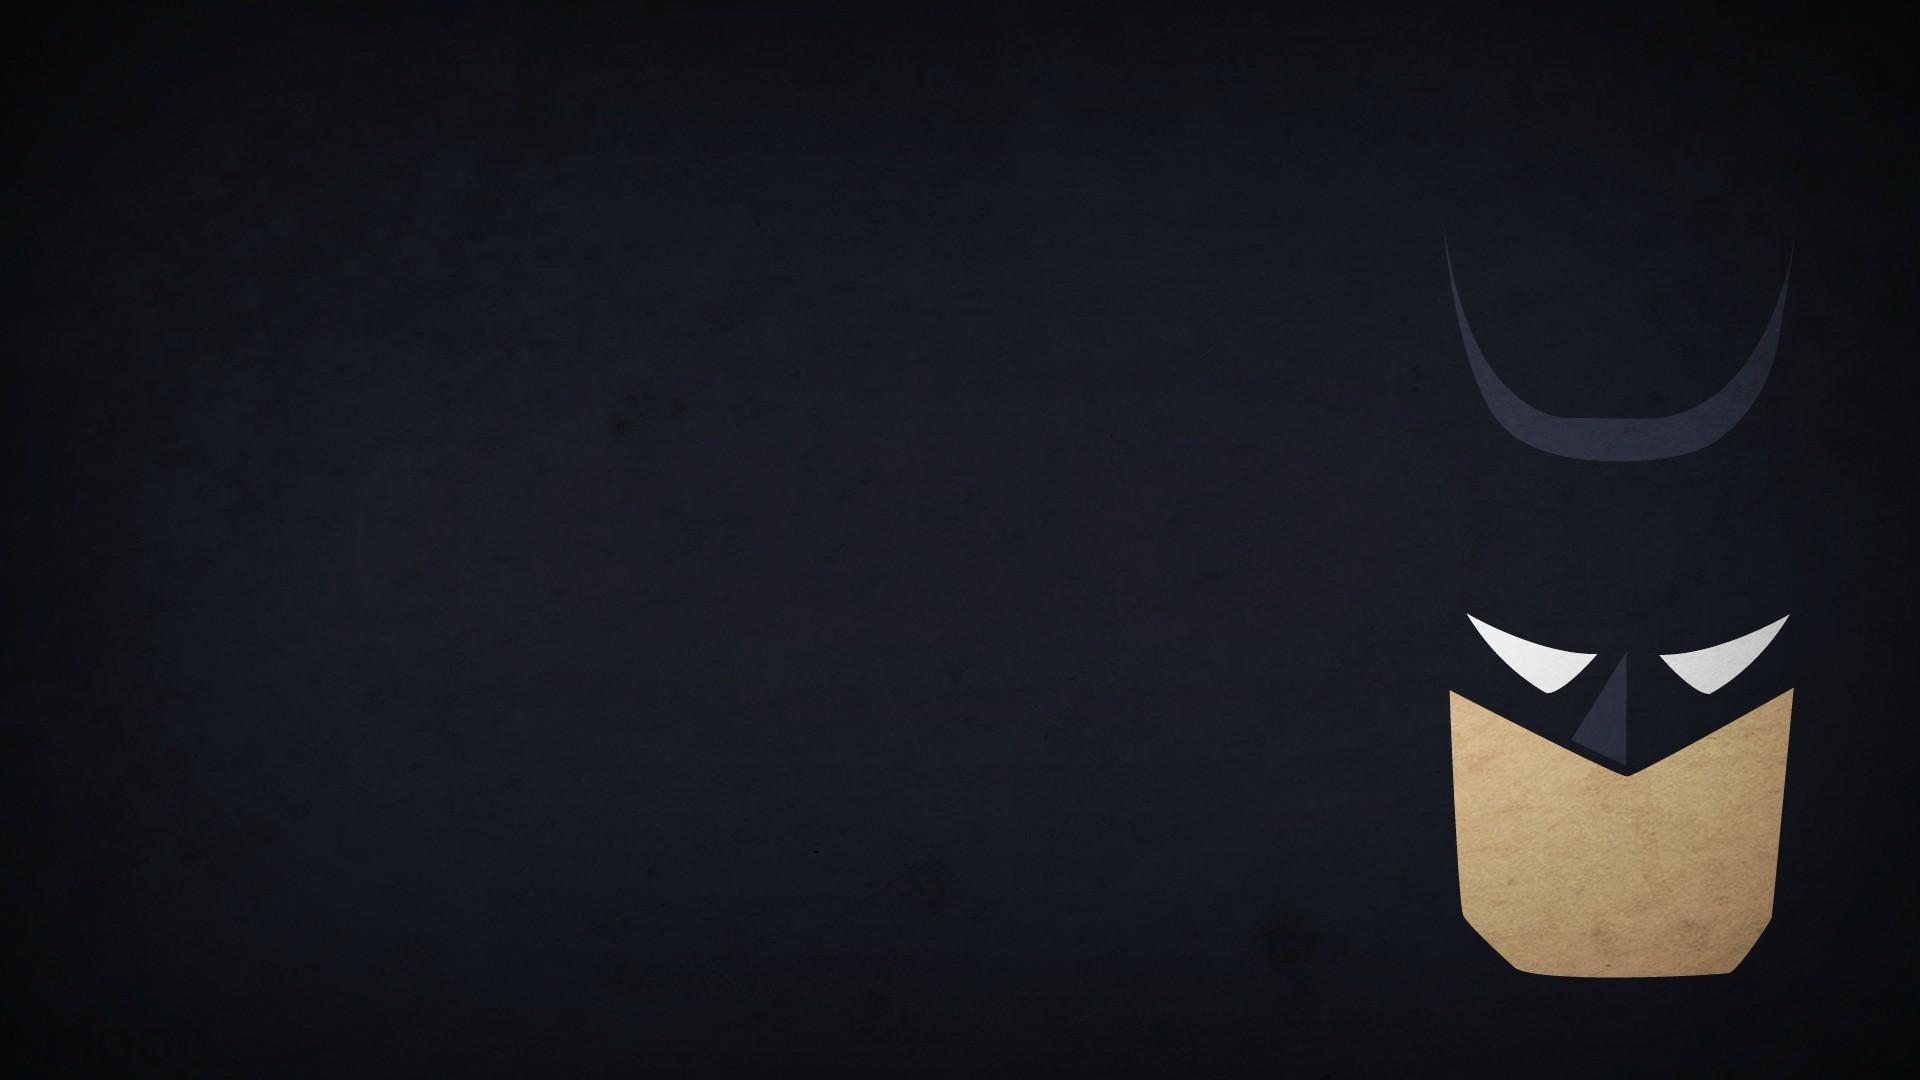 … batman minimalism wallpaper 8 …